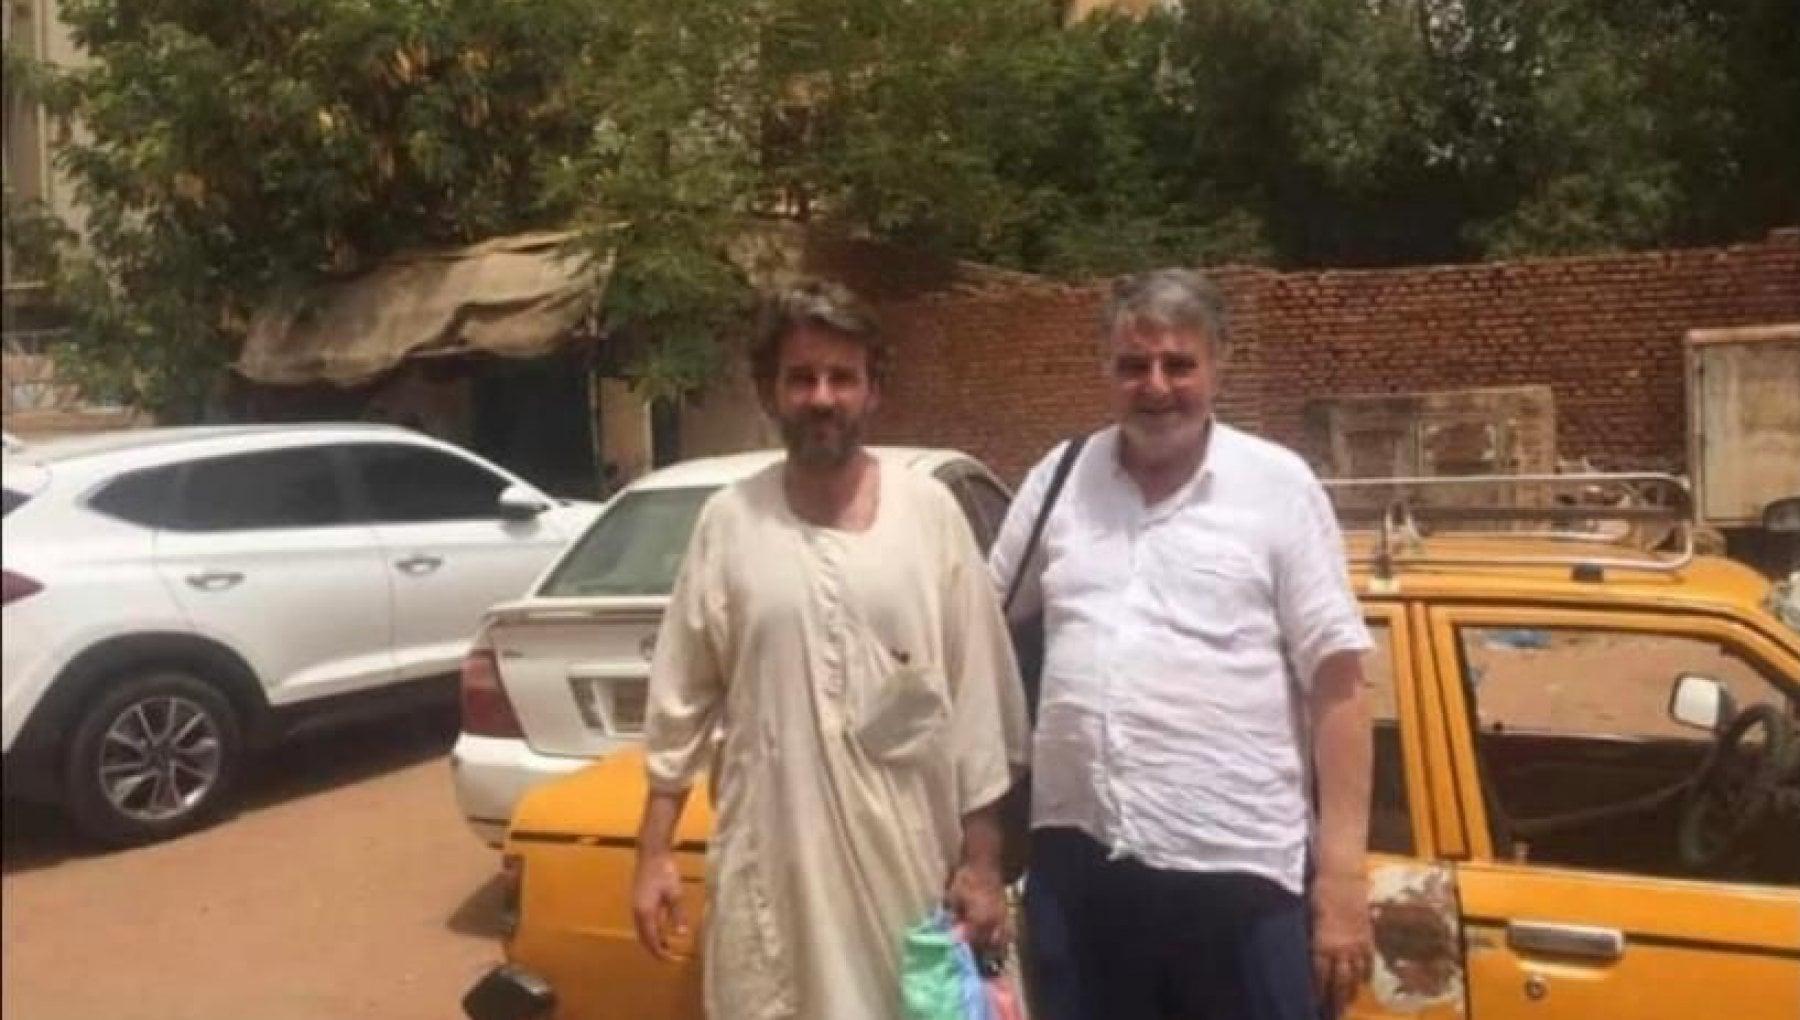 """152411592 5a15f25a d94a 46fa 9b3c afe02dc47a86 - Imprenditore arrestato in Sudan, archiviate le cause penali. La famiglia: """"Rimandatelo in Italia"""""""